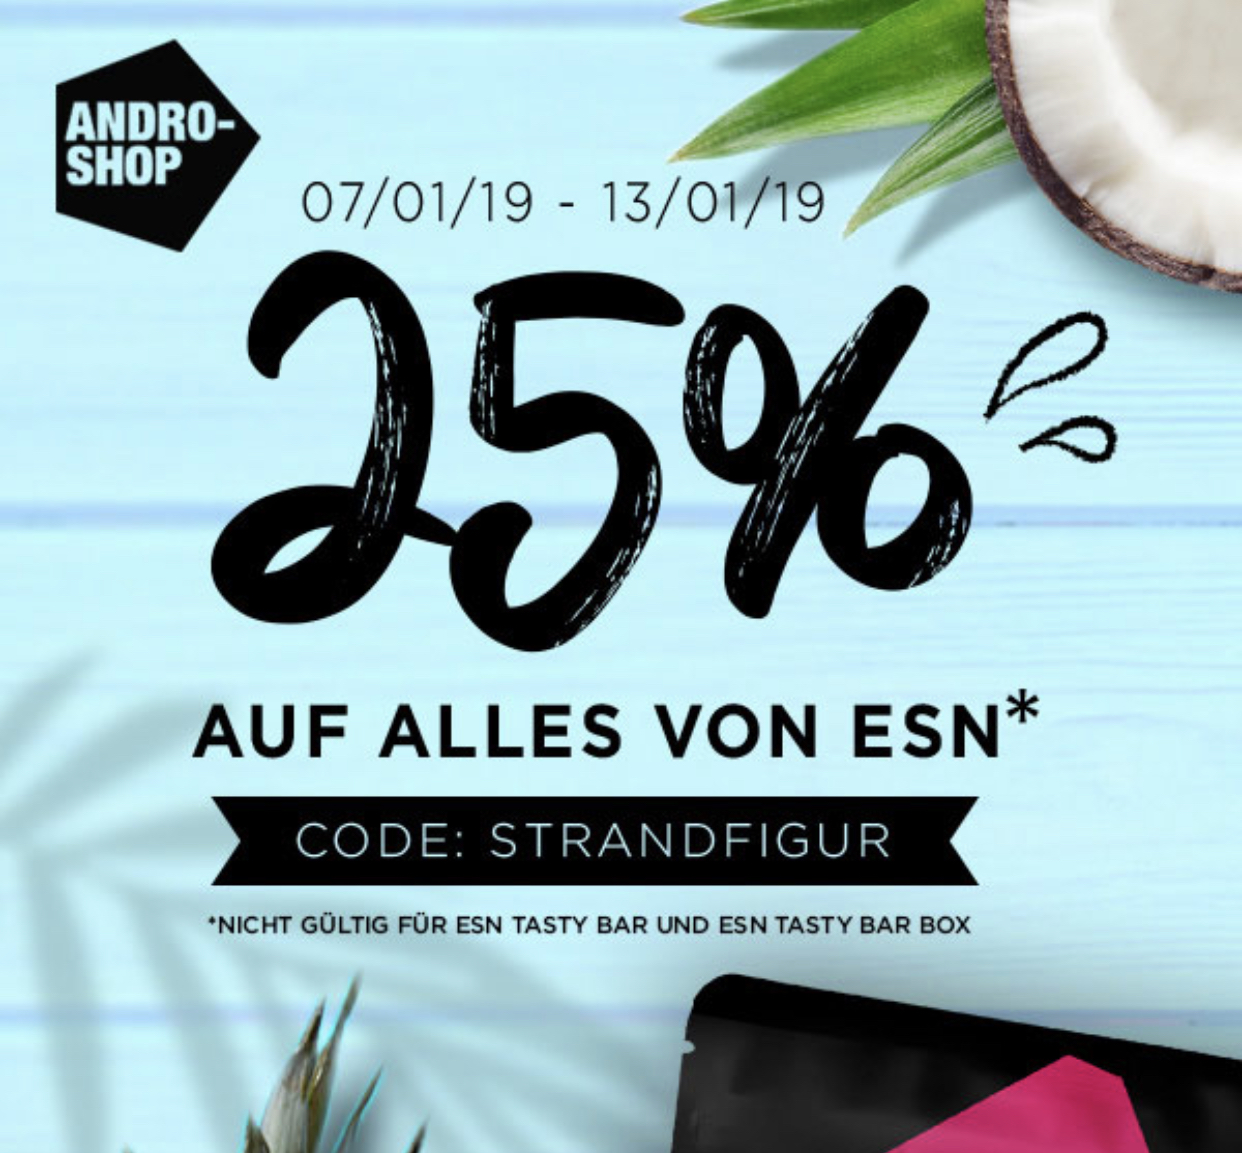 25% auf alle ESN Produkte